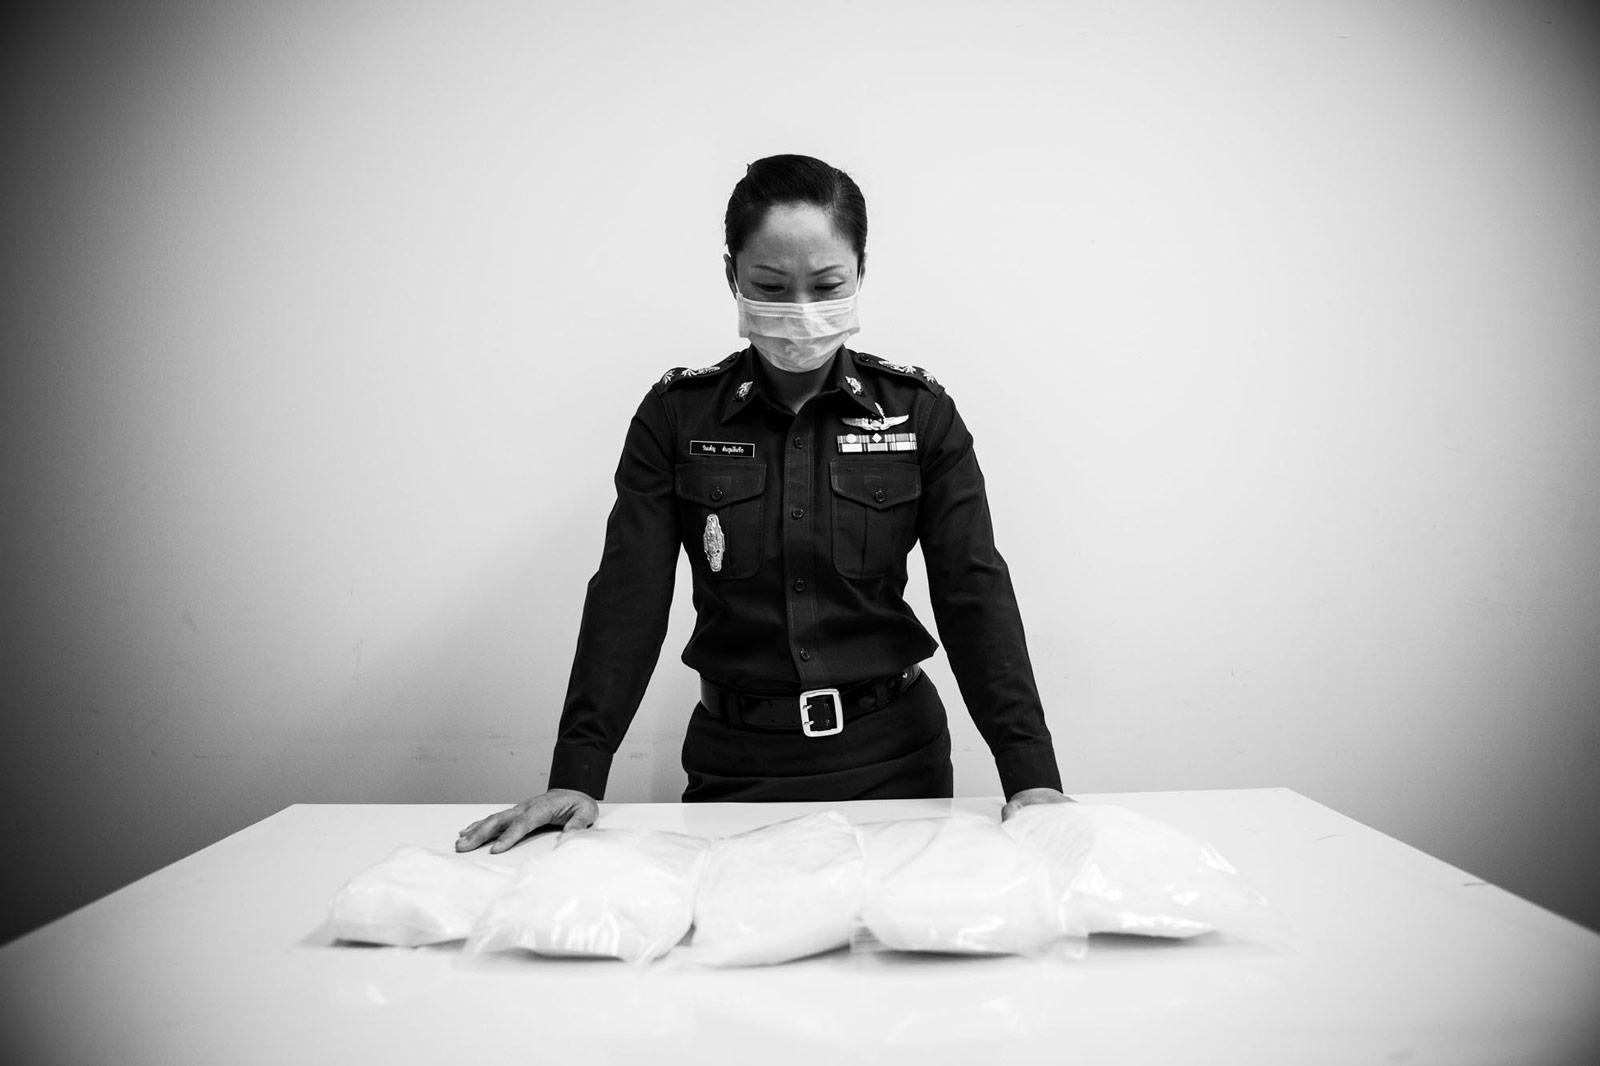 CSI-Polizistin mit beschlagnahmten Drogen